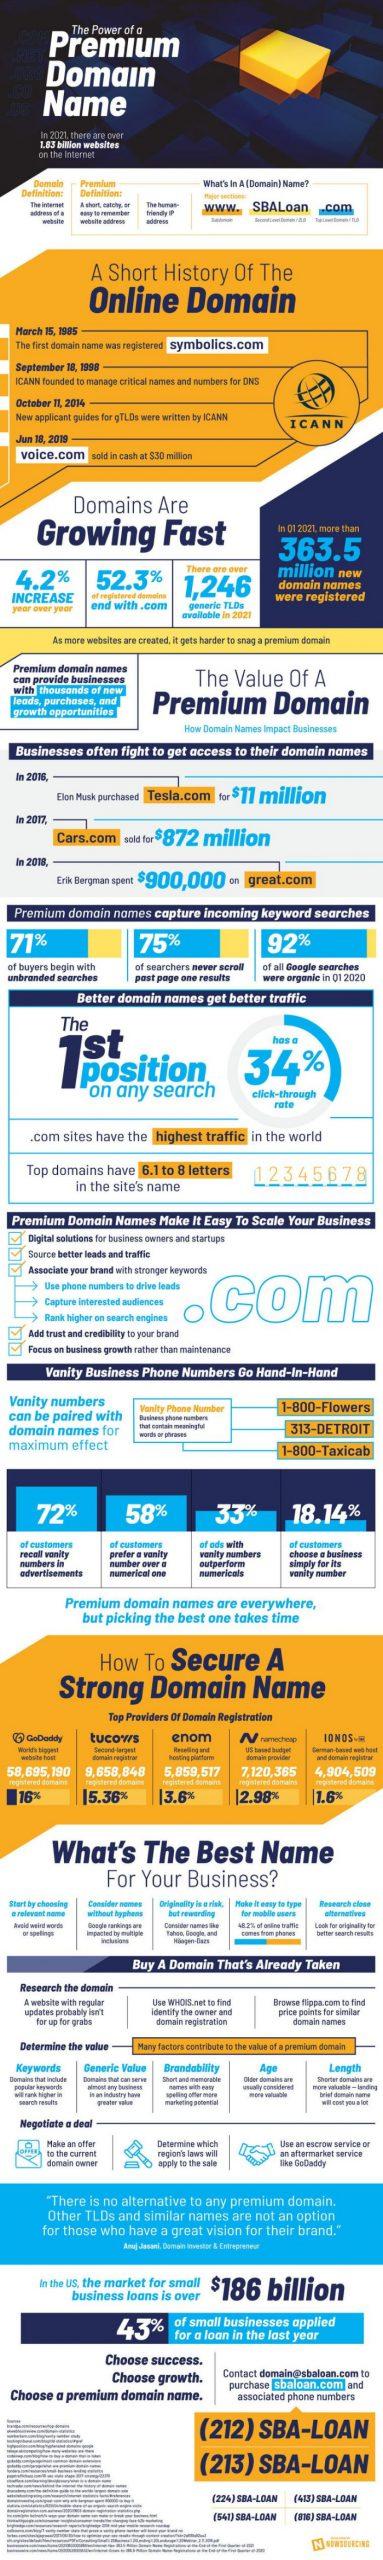 Premium Domain Infographic